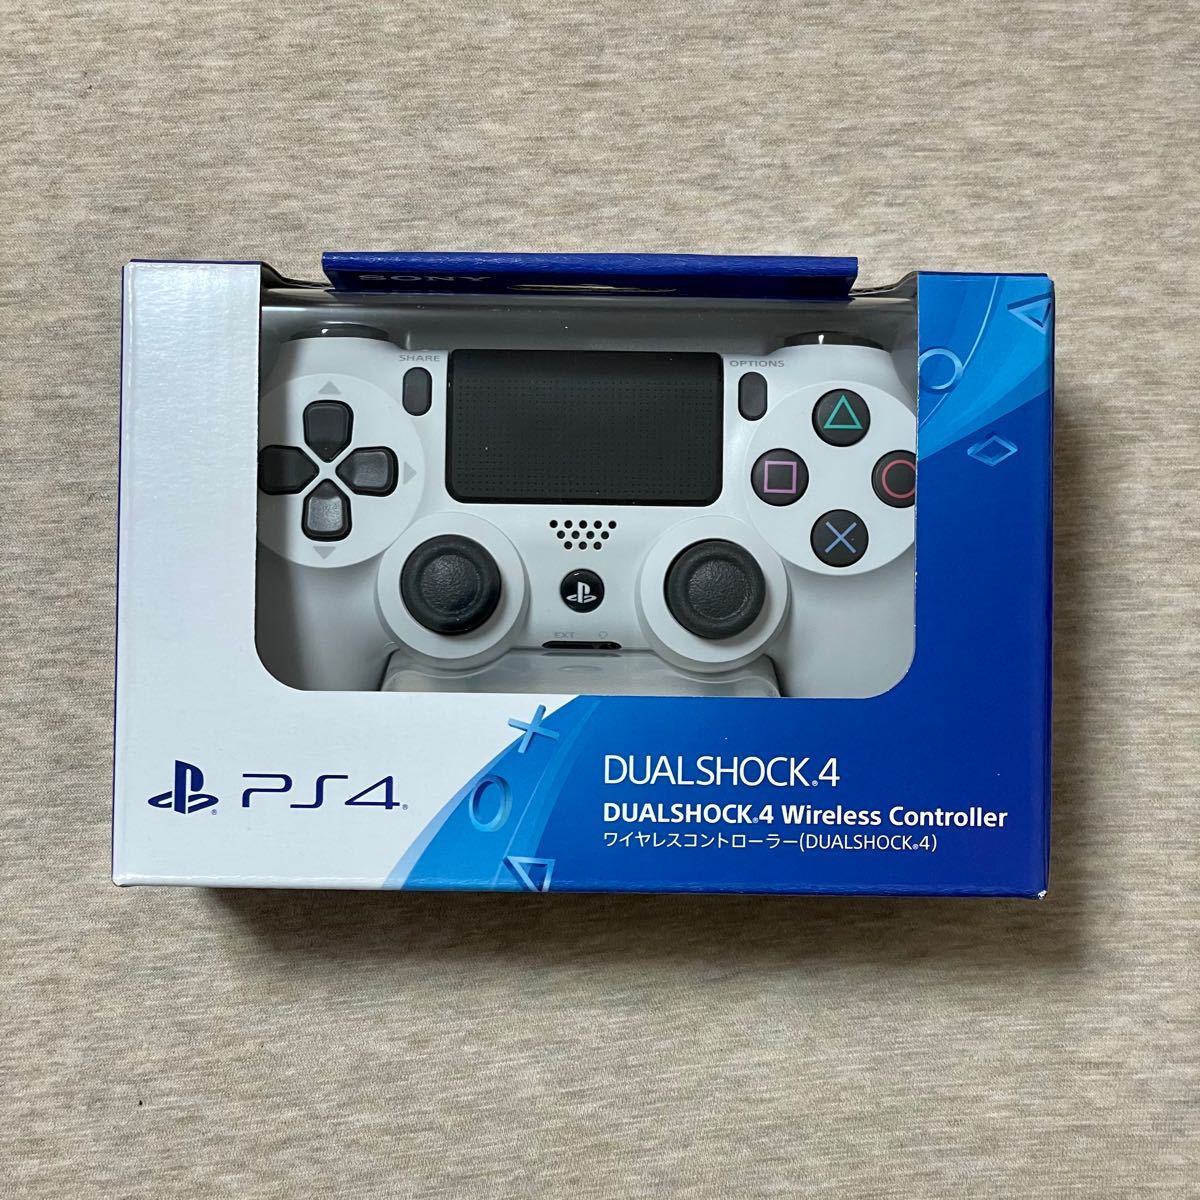 PS4 ワイヤレスコントローラー DUALSHOCK 4 グレイシャー ホワイト